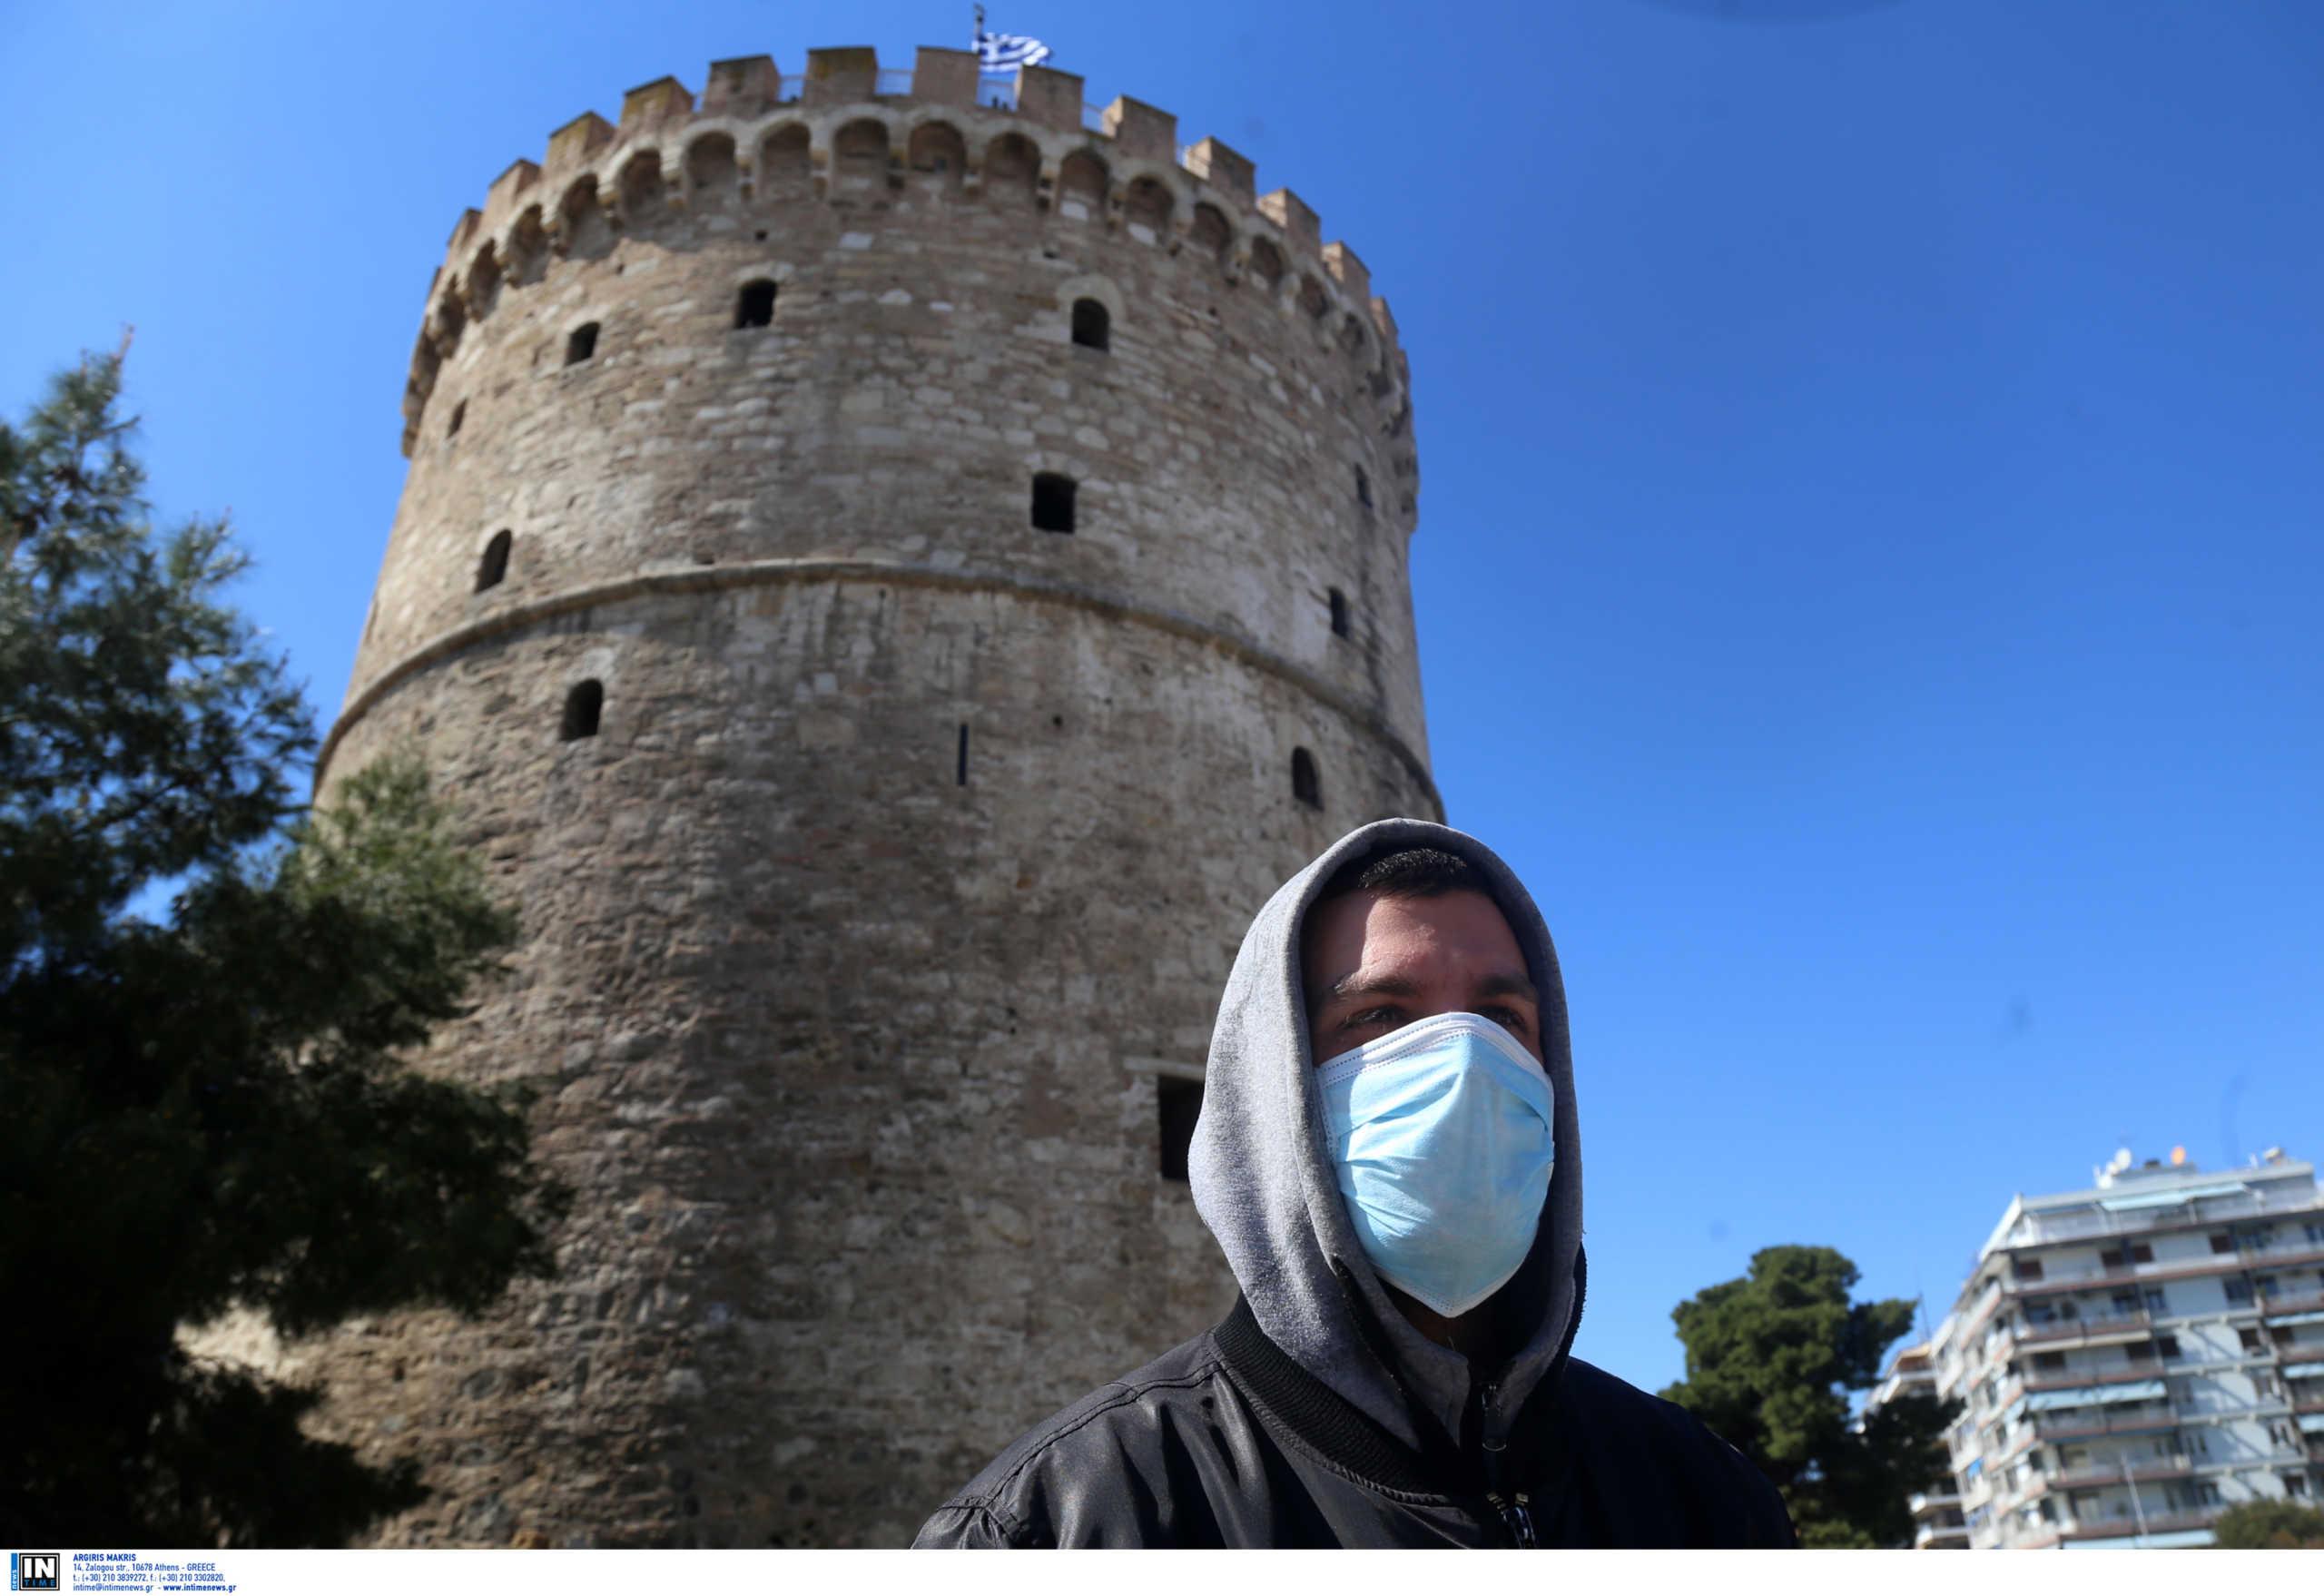 Νεαρός με μάσκα μπροστά από τον Λευκό Πύργο στη Θεσσαλονίκη